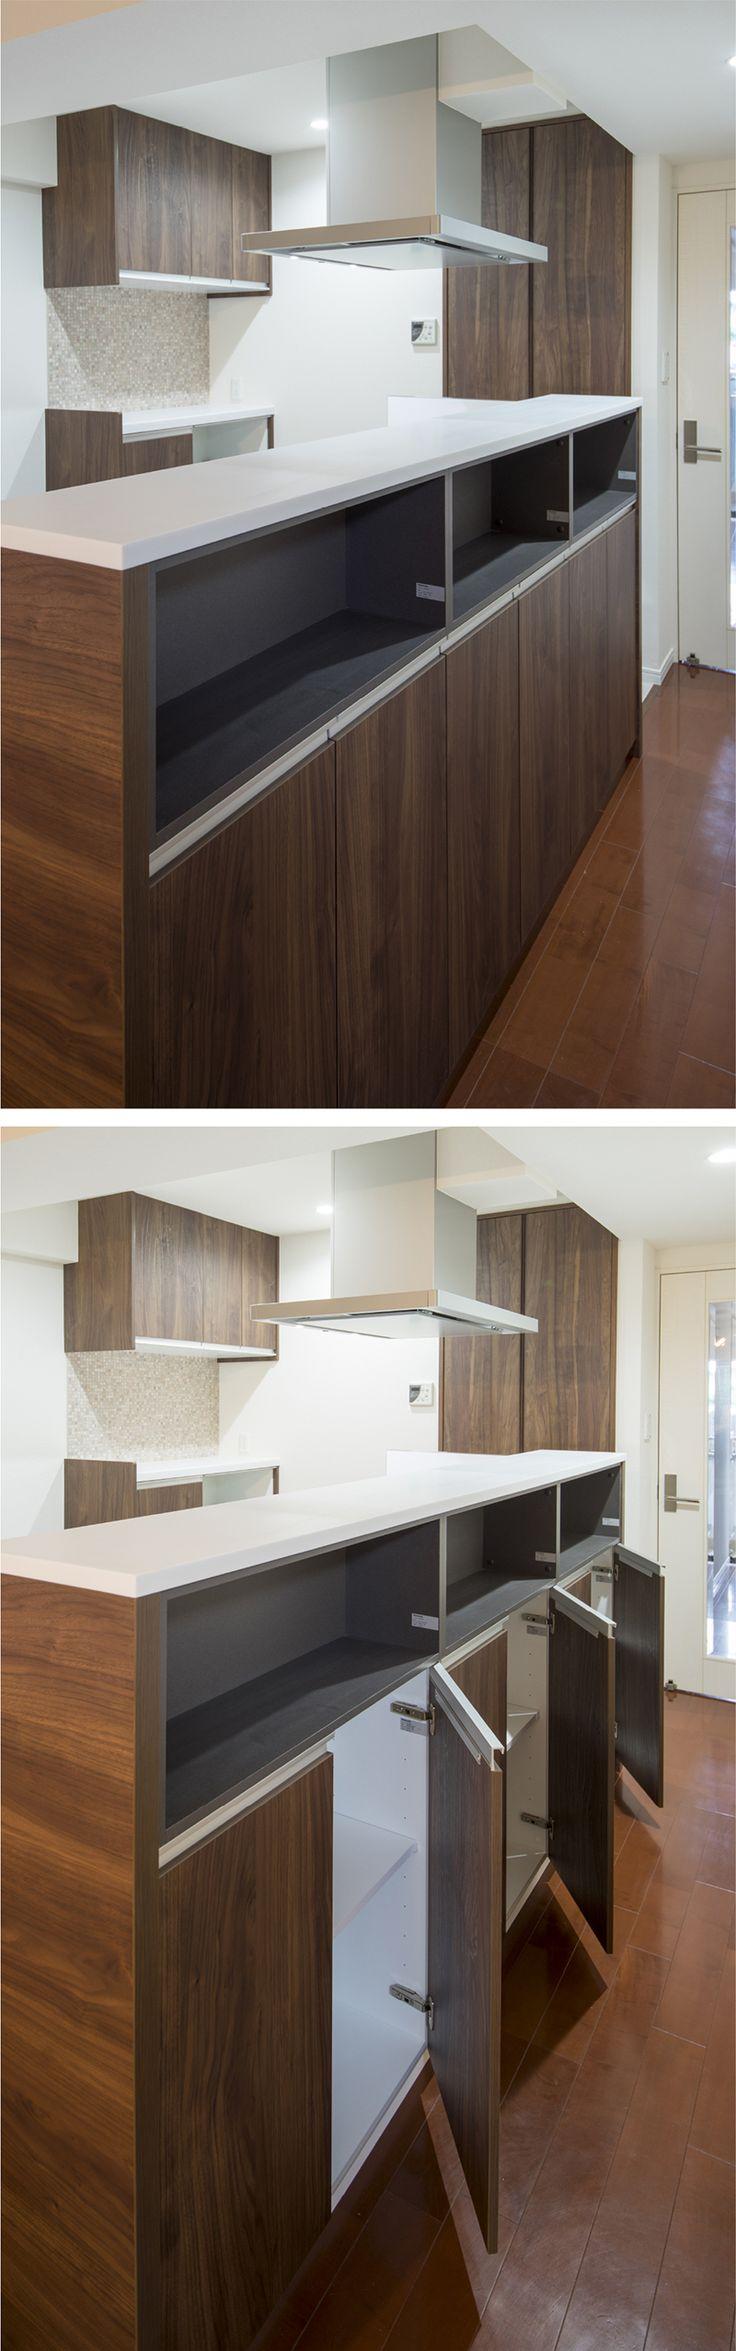 システムキッチンの裏側も有効利用した収納棚。|キッチン|インテリア|カウンター|おしゃれ|壁面収納|作業台|ウッド|リビング|アイデア|